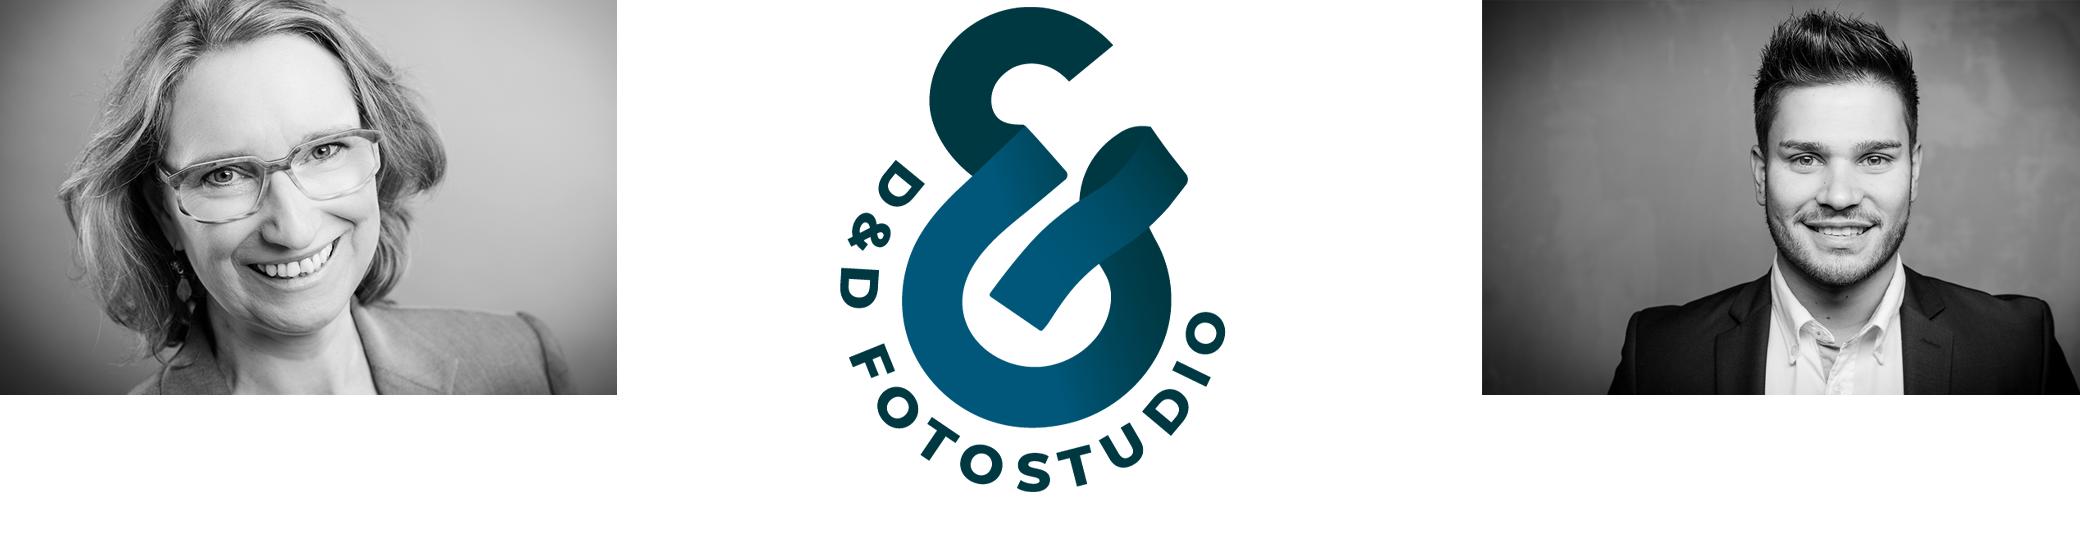 Bewerbungsfotos d & d Fotostudio